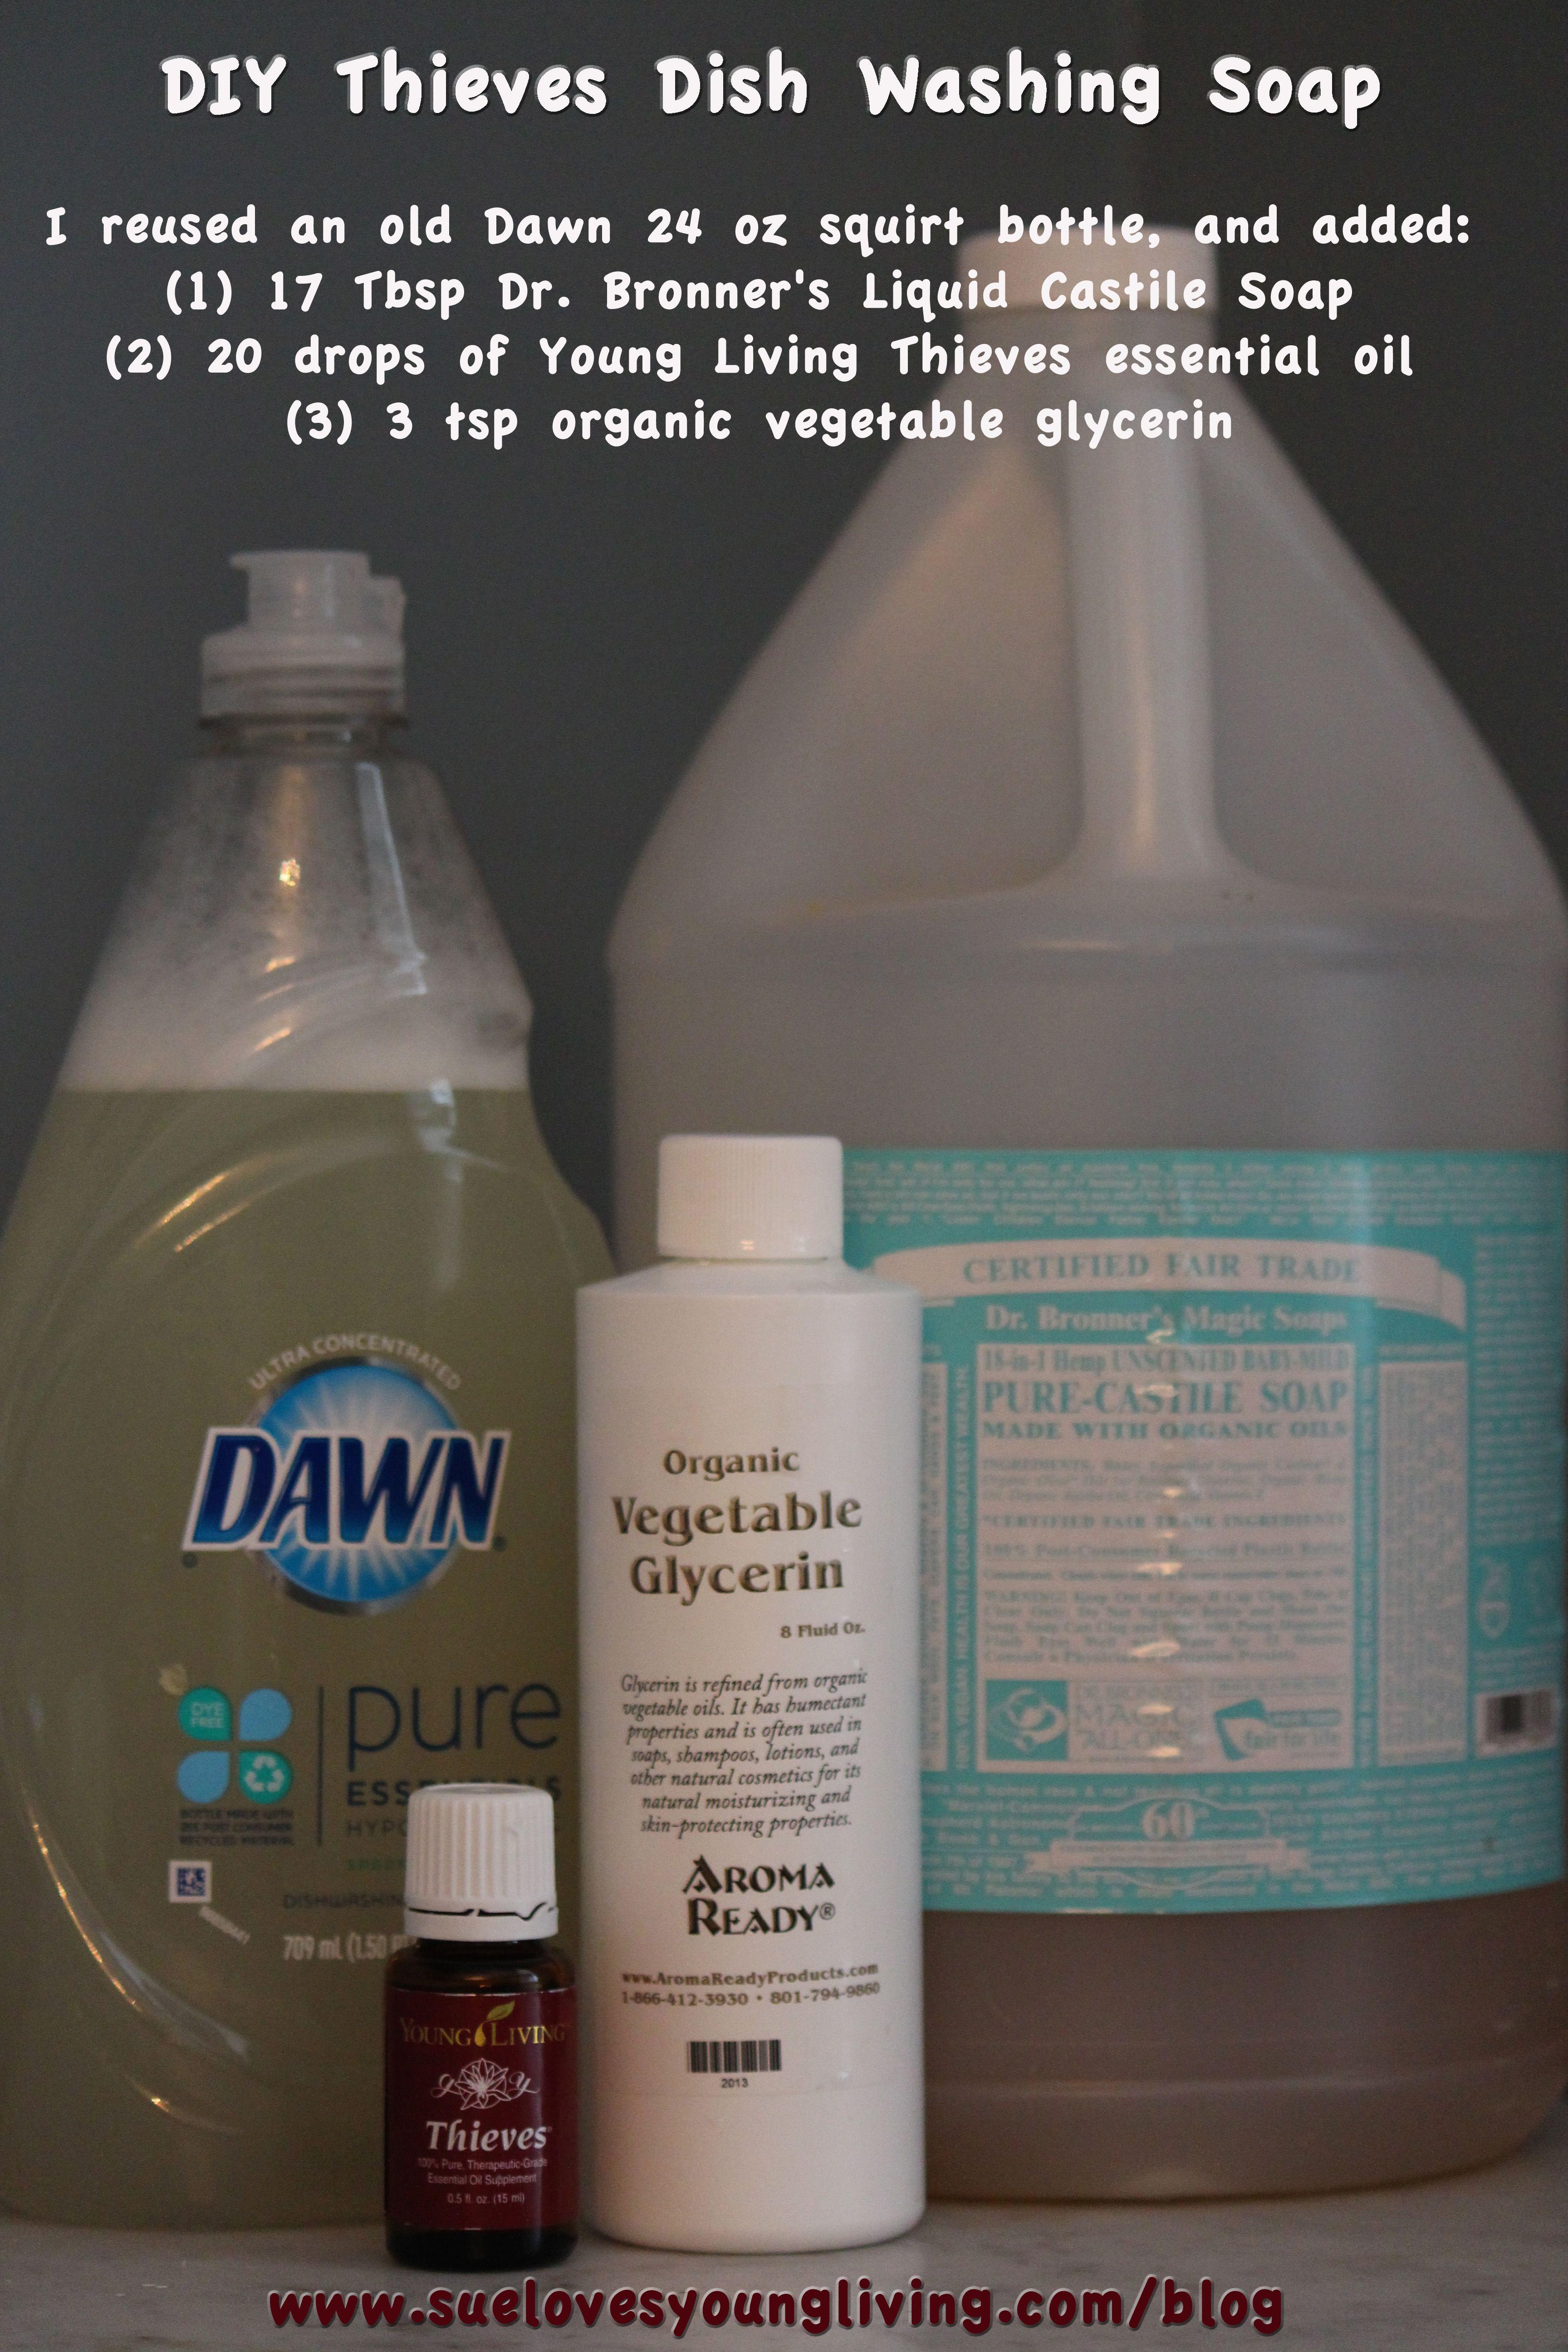 DIY Thieves Dishwashing Soap. Place ingredients in 24 oz